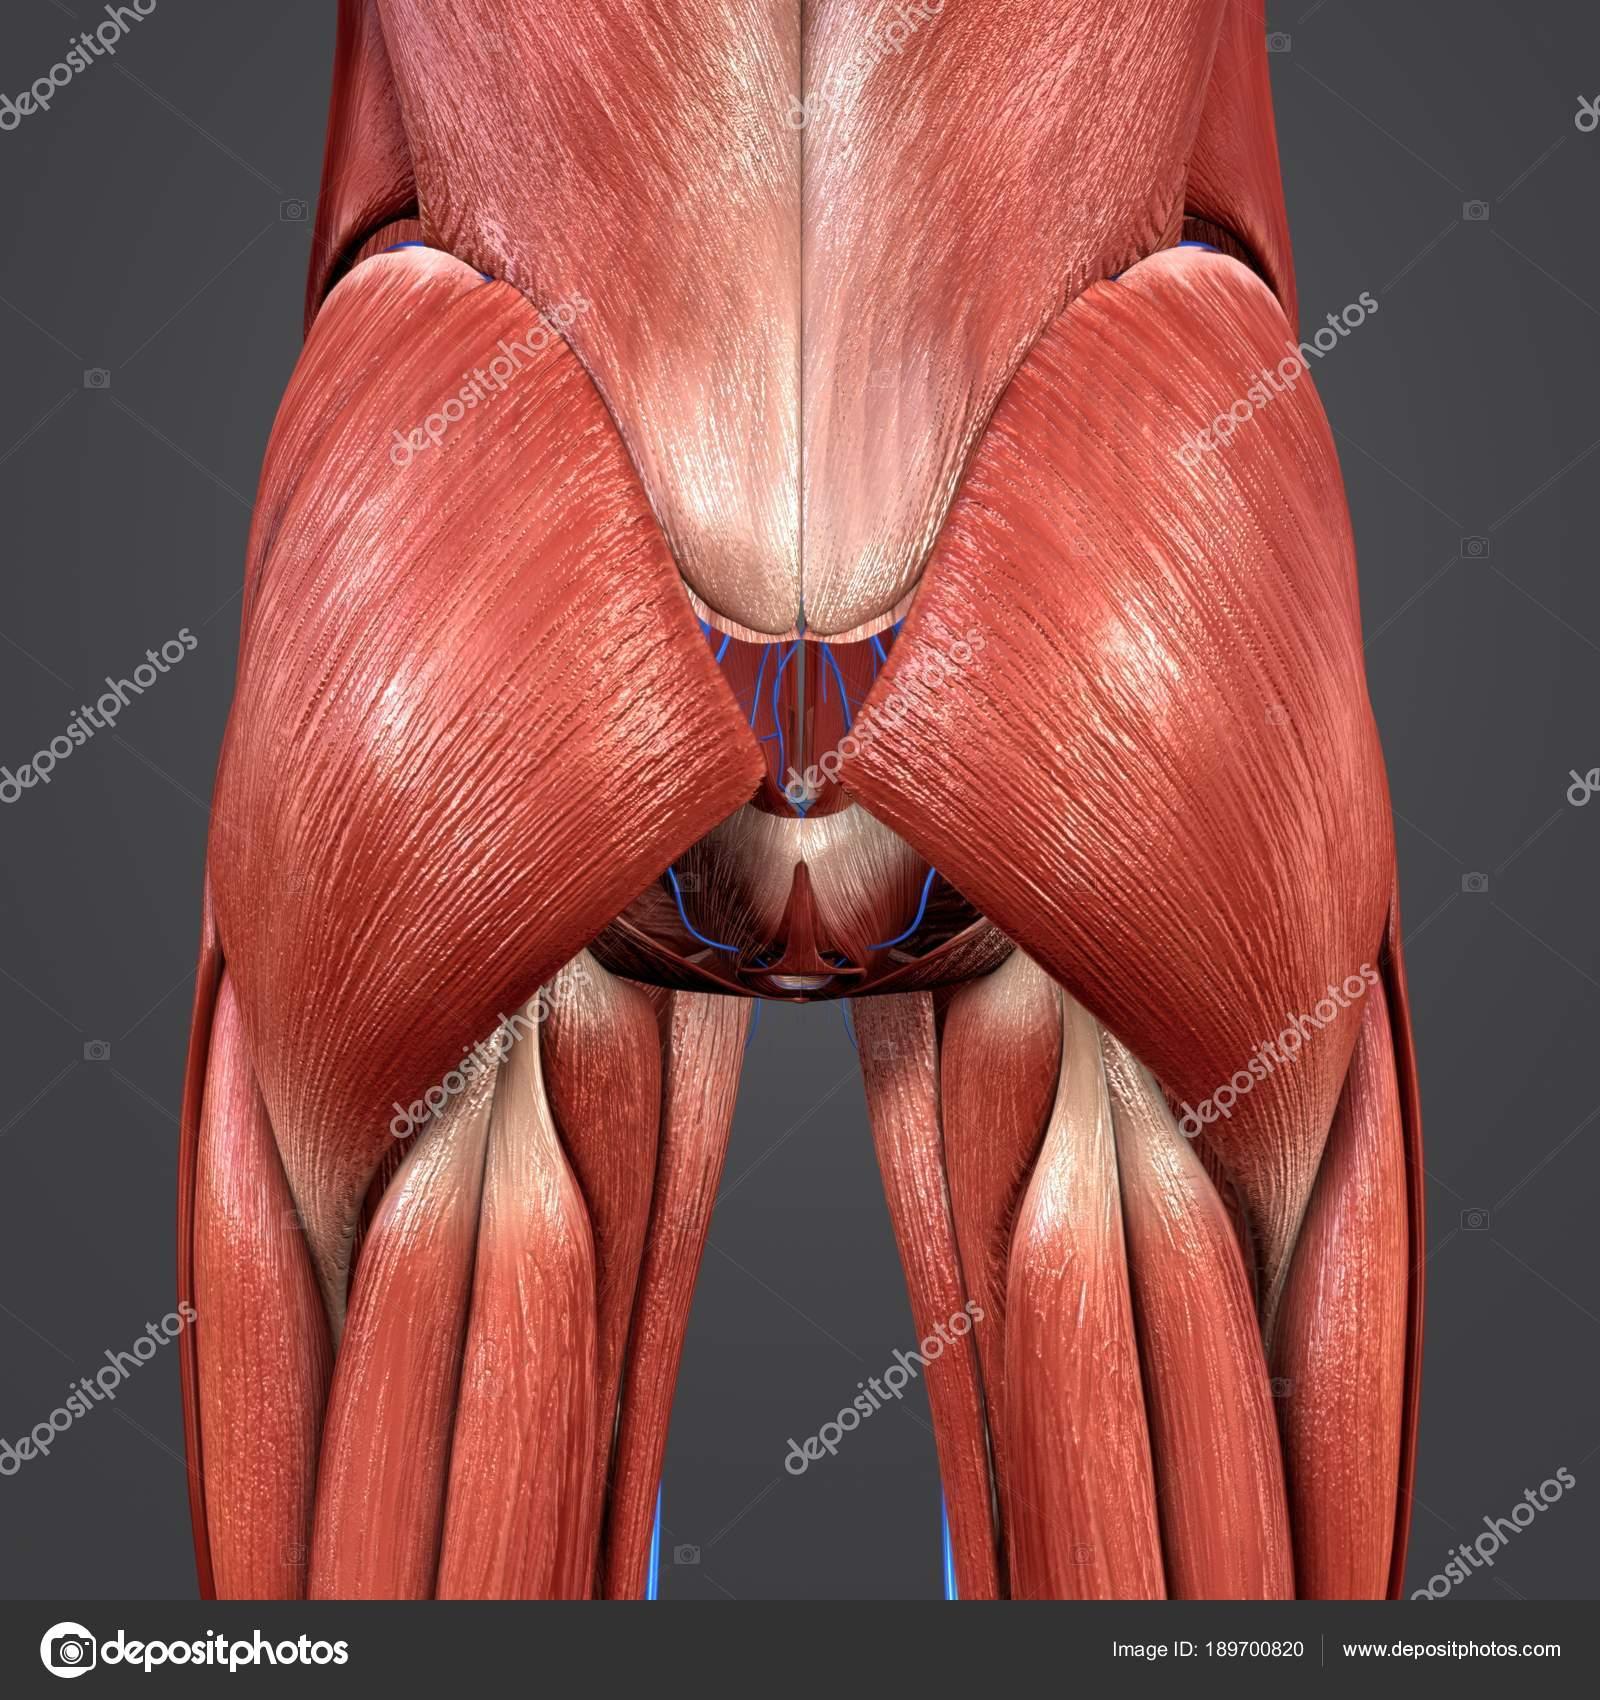 Bunte Medizinische Illustration Der Menschlichen Hüfte Muskeln ...